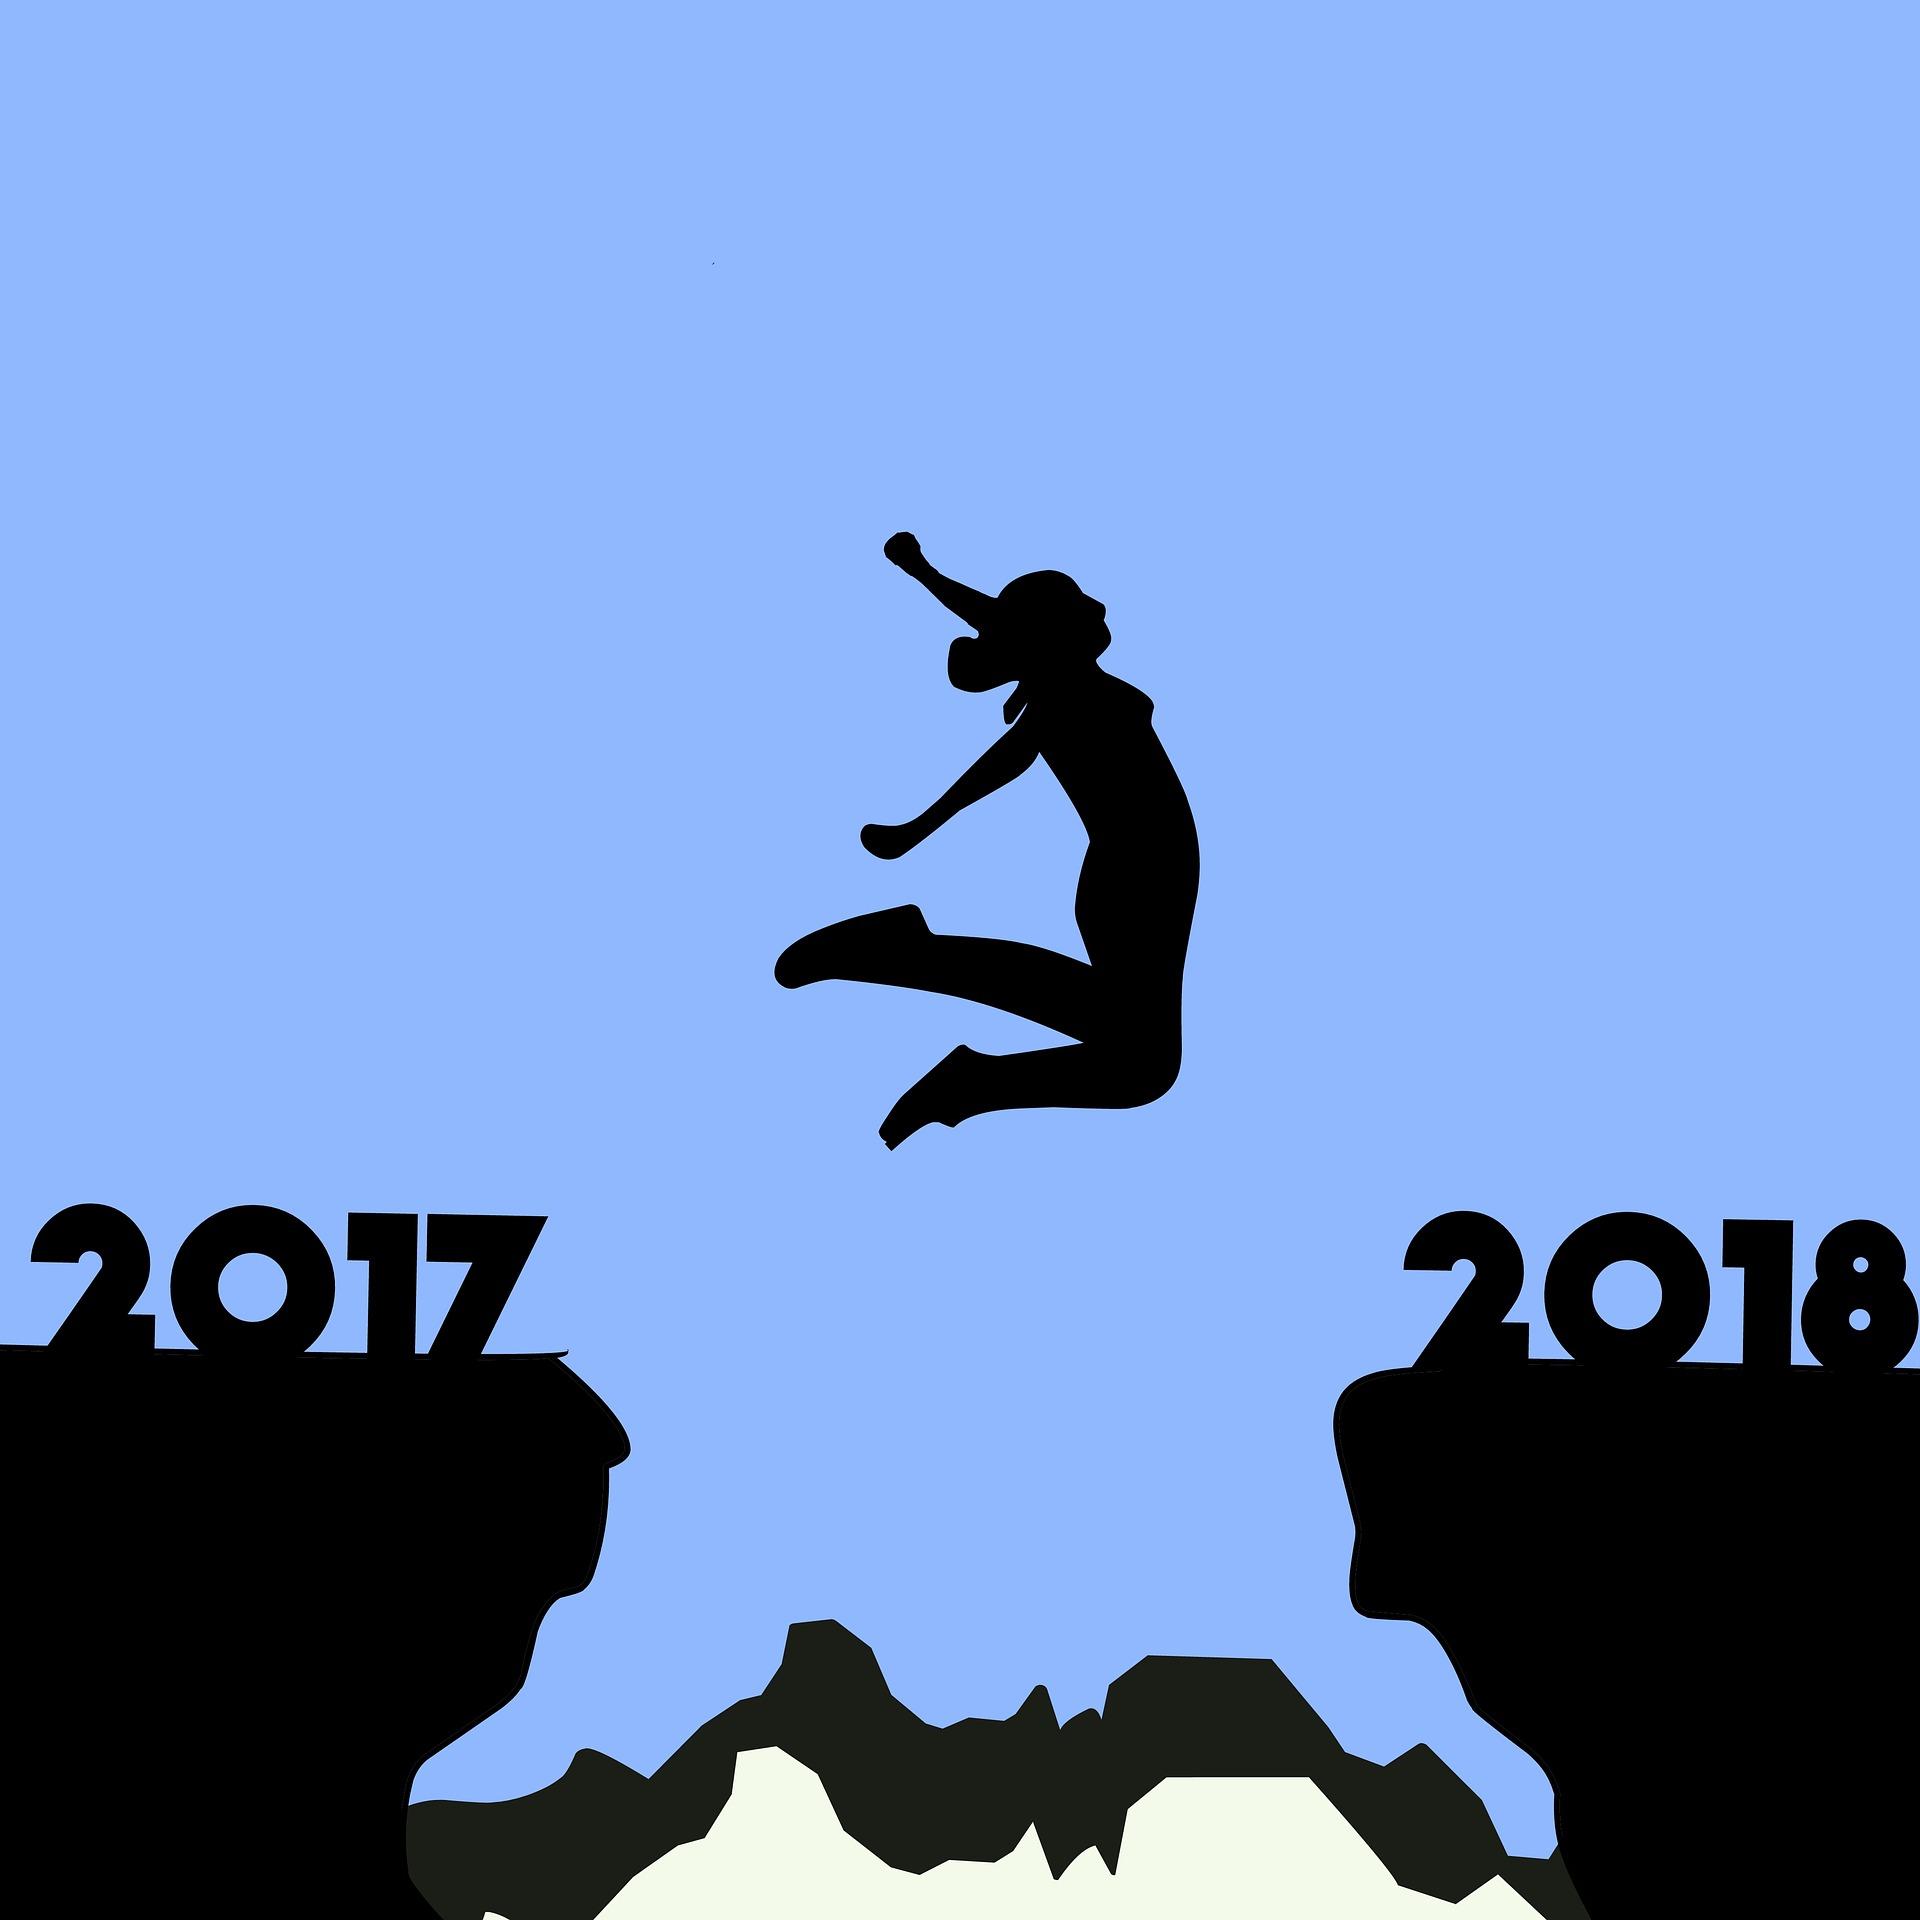 5 cosas que no cambiarán en el 2017